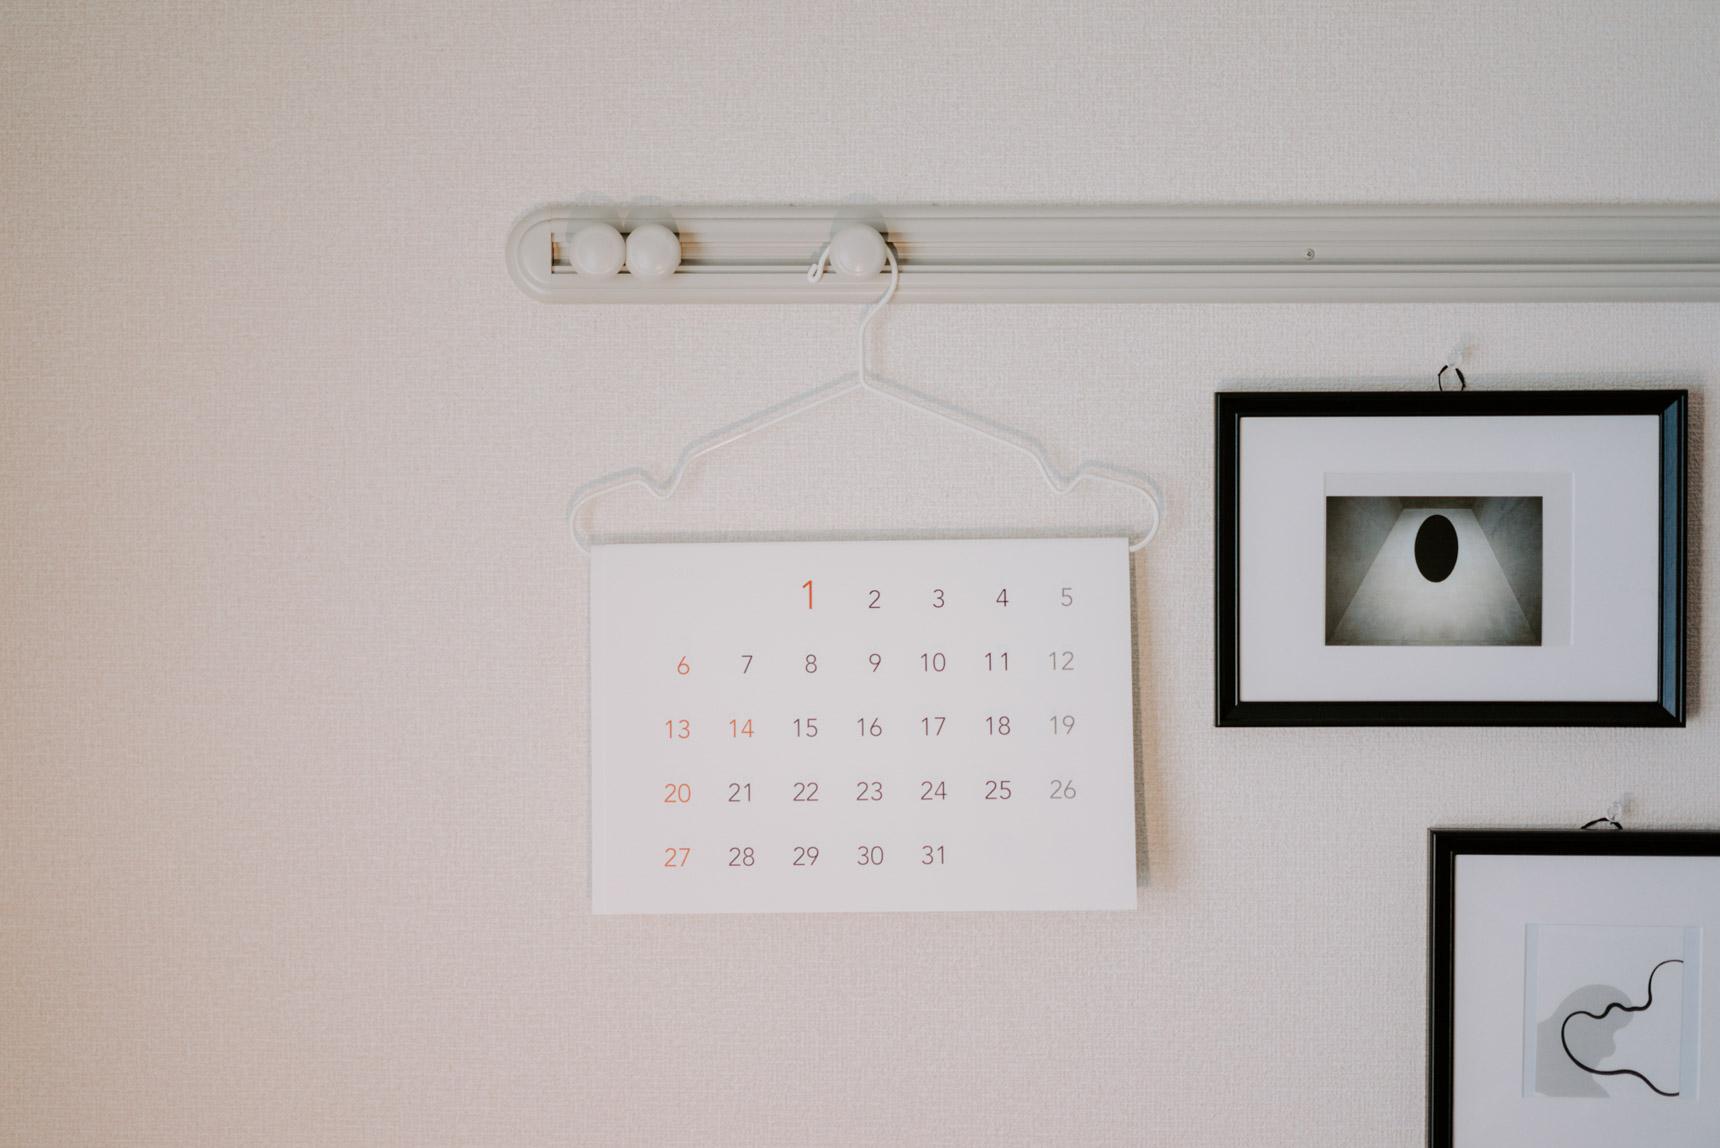 美術鑑賞も趣味ということで、こちらのカレンダーはミュージアムショップで見かけて購入。とてもシンプル。